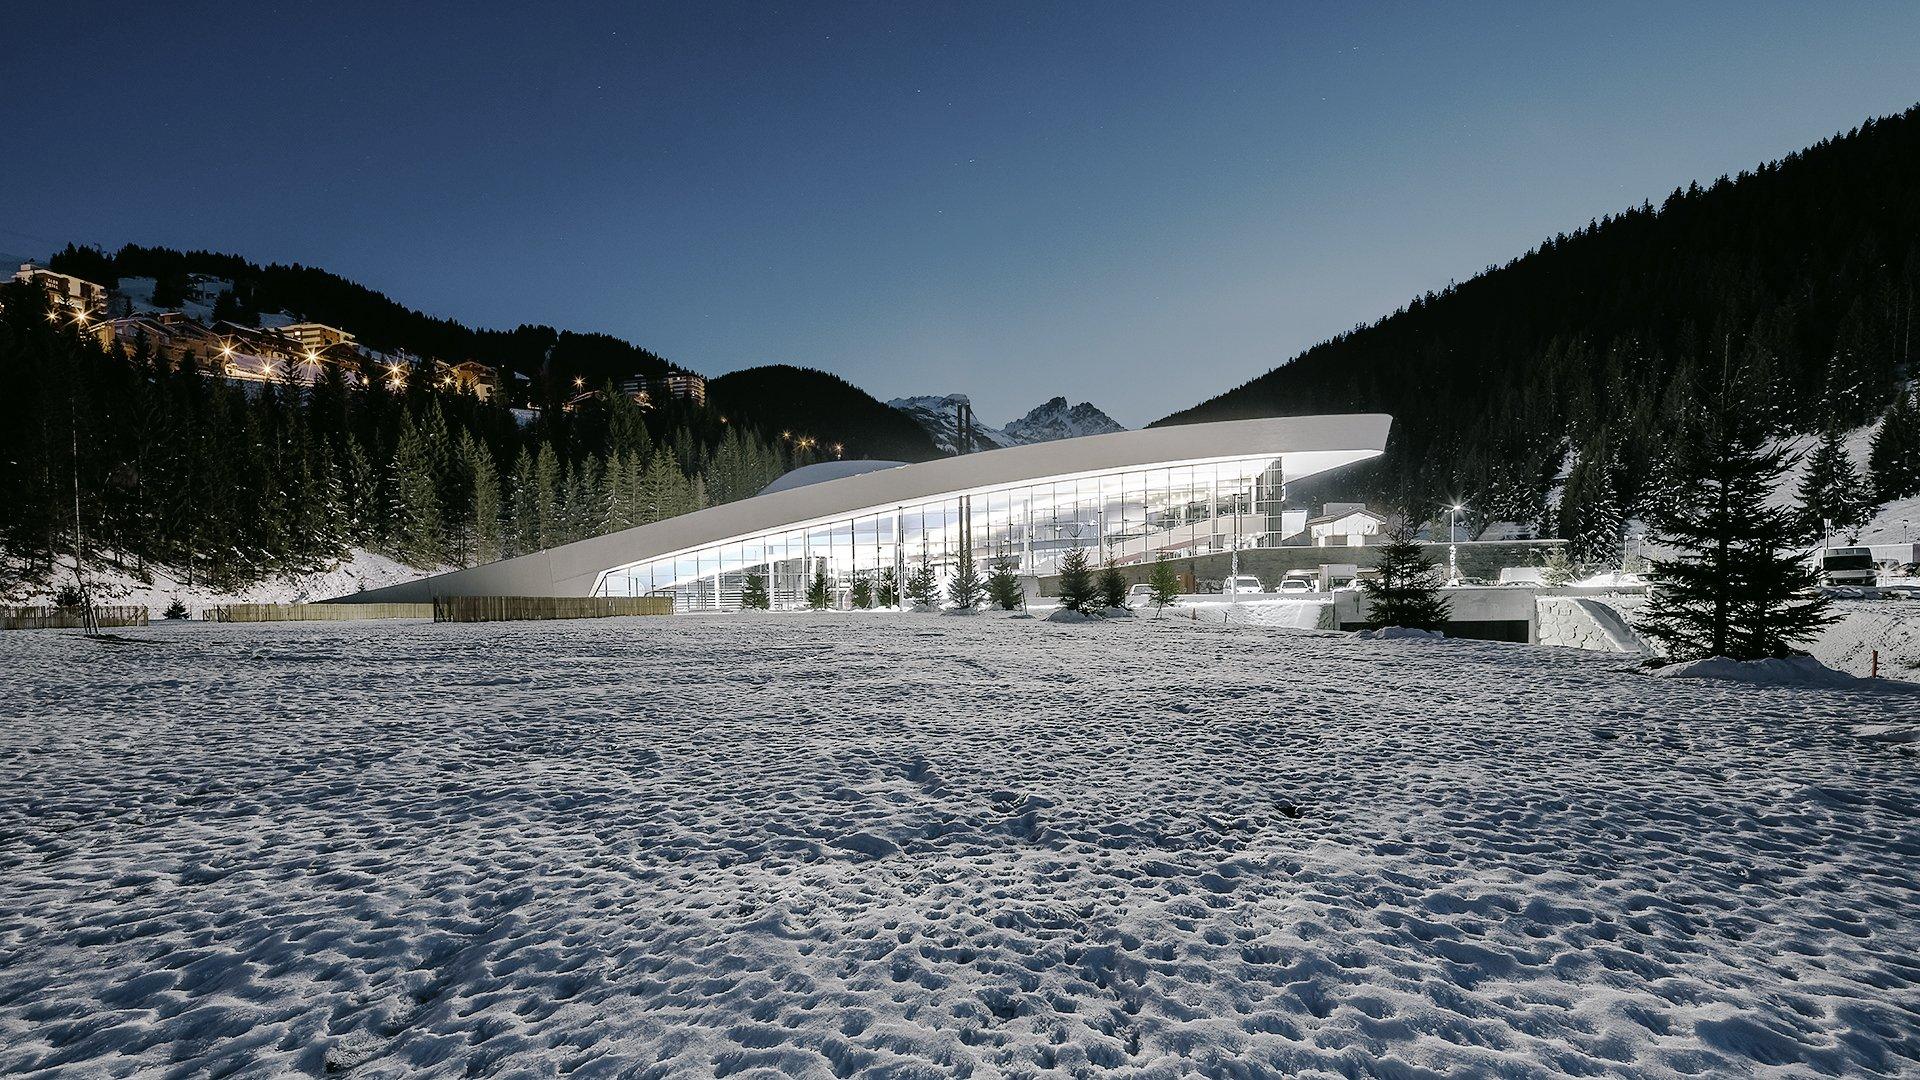 loisirs aquatiques en plein coeur de tours bassin exterieur 50 m bassins ludiques sauna hammam caldarium